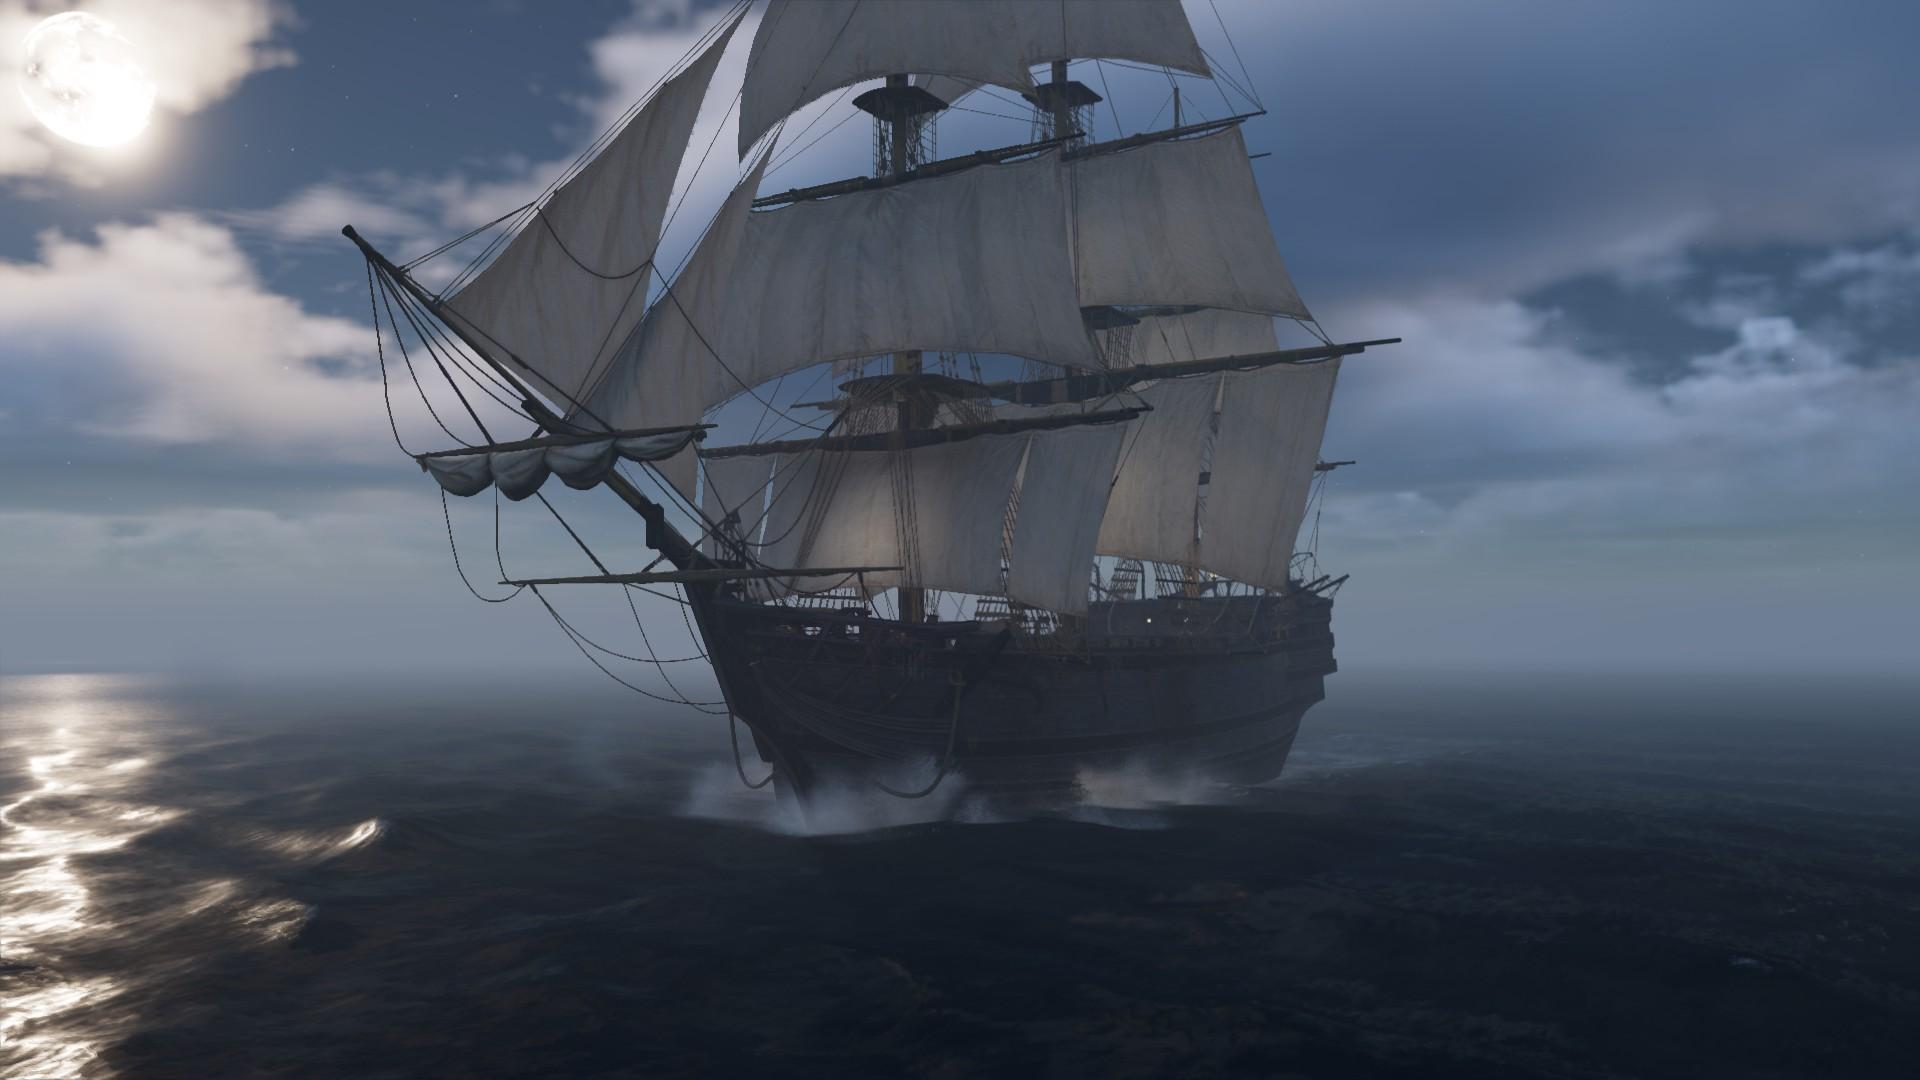 20190328041455_1.jpg - Assassin's Creed 3